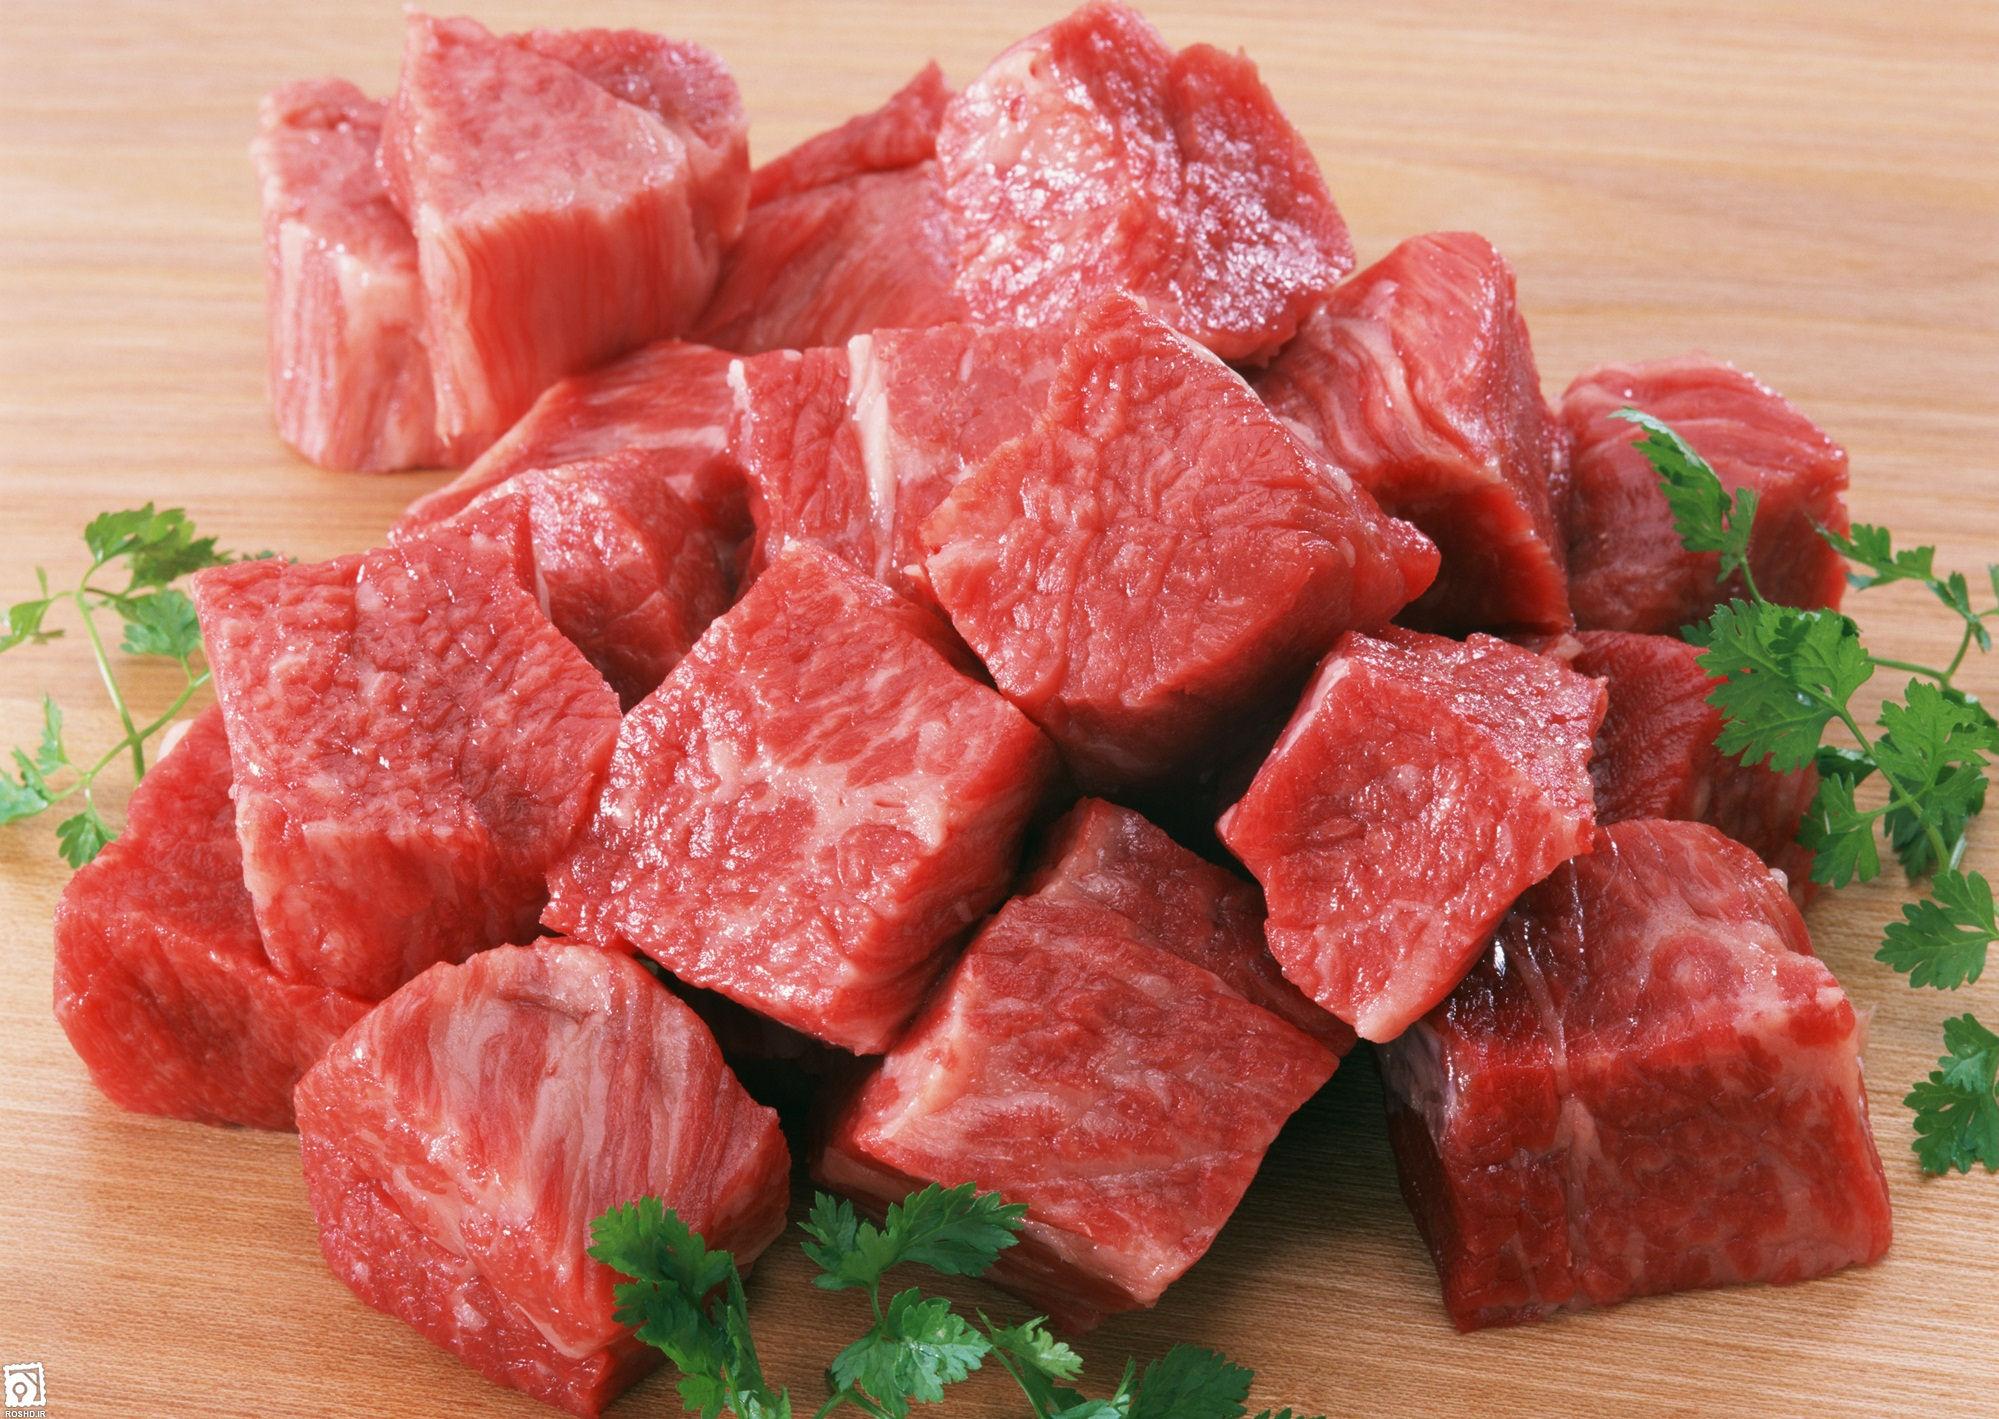 باشگاه خبرنگاران -گوشت قرمز منجمد داخلی در بازار با چه قیمتی عرضه می شود؟